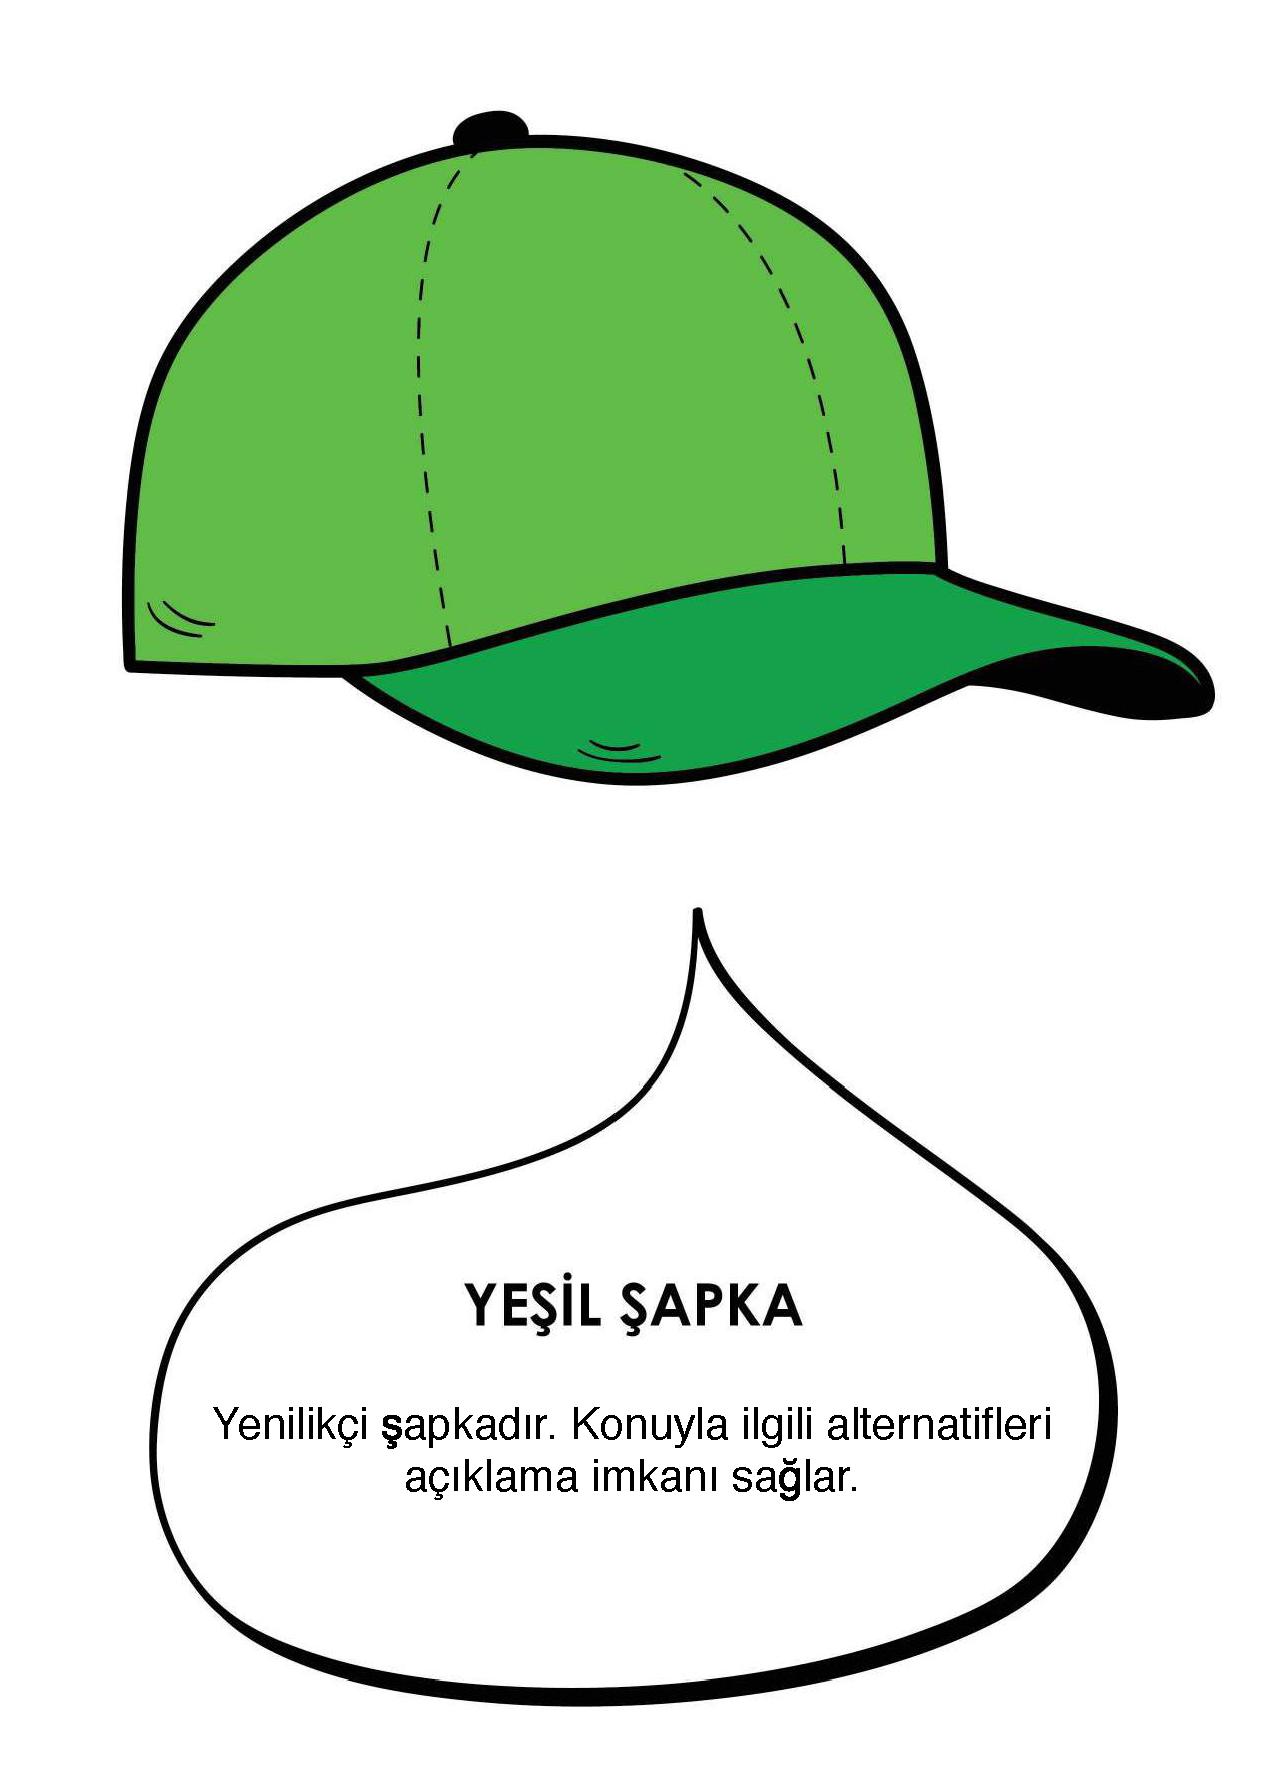 5)Yeşil Şapka : YENİLİKÇİLİK